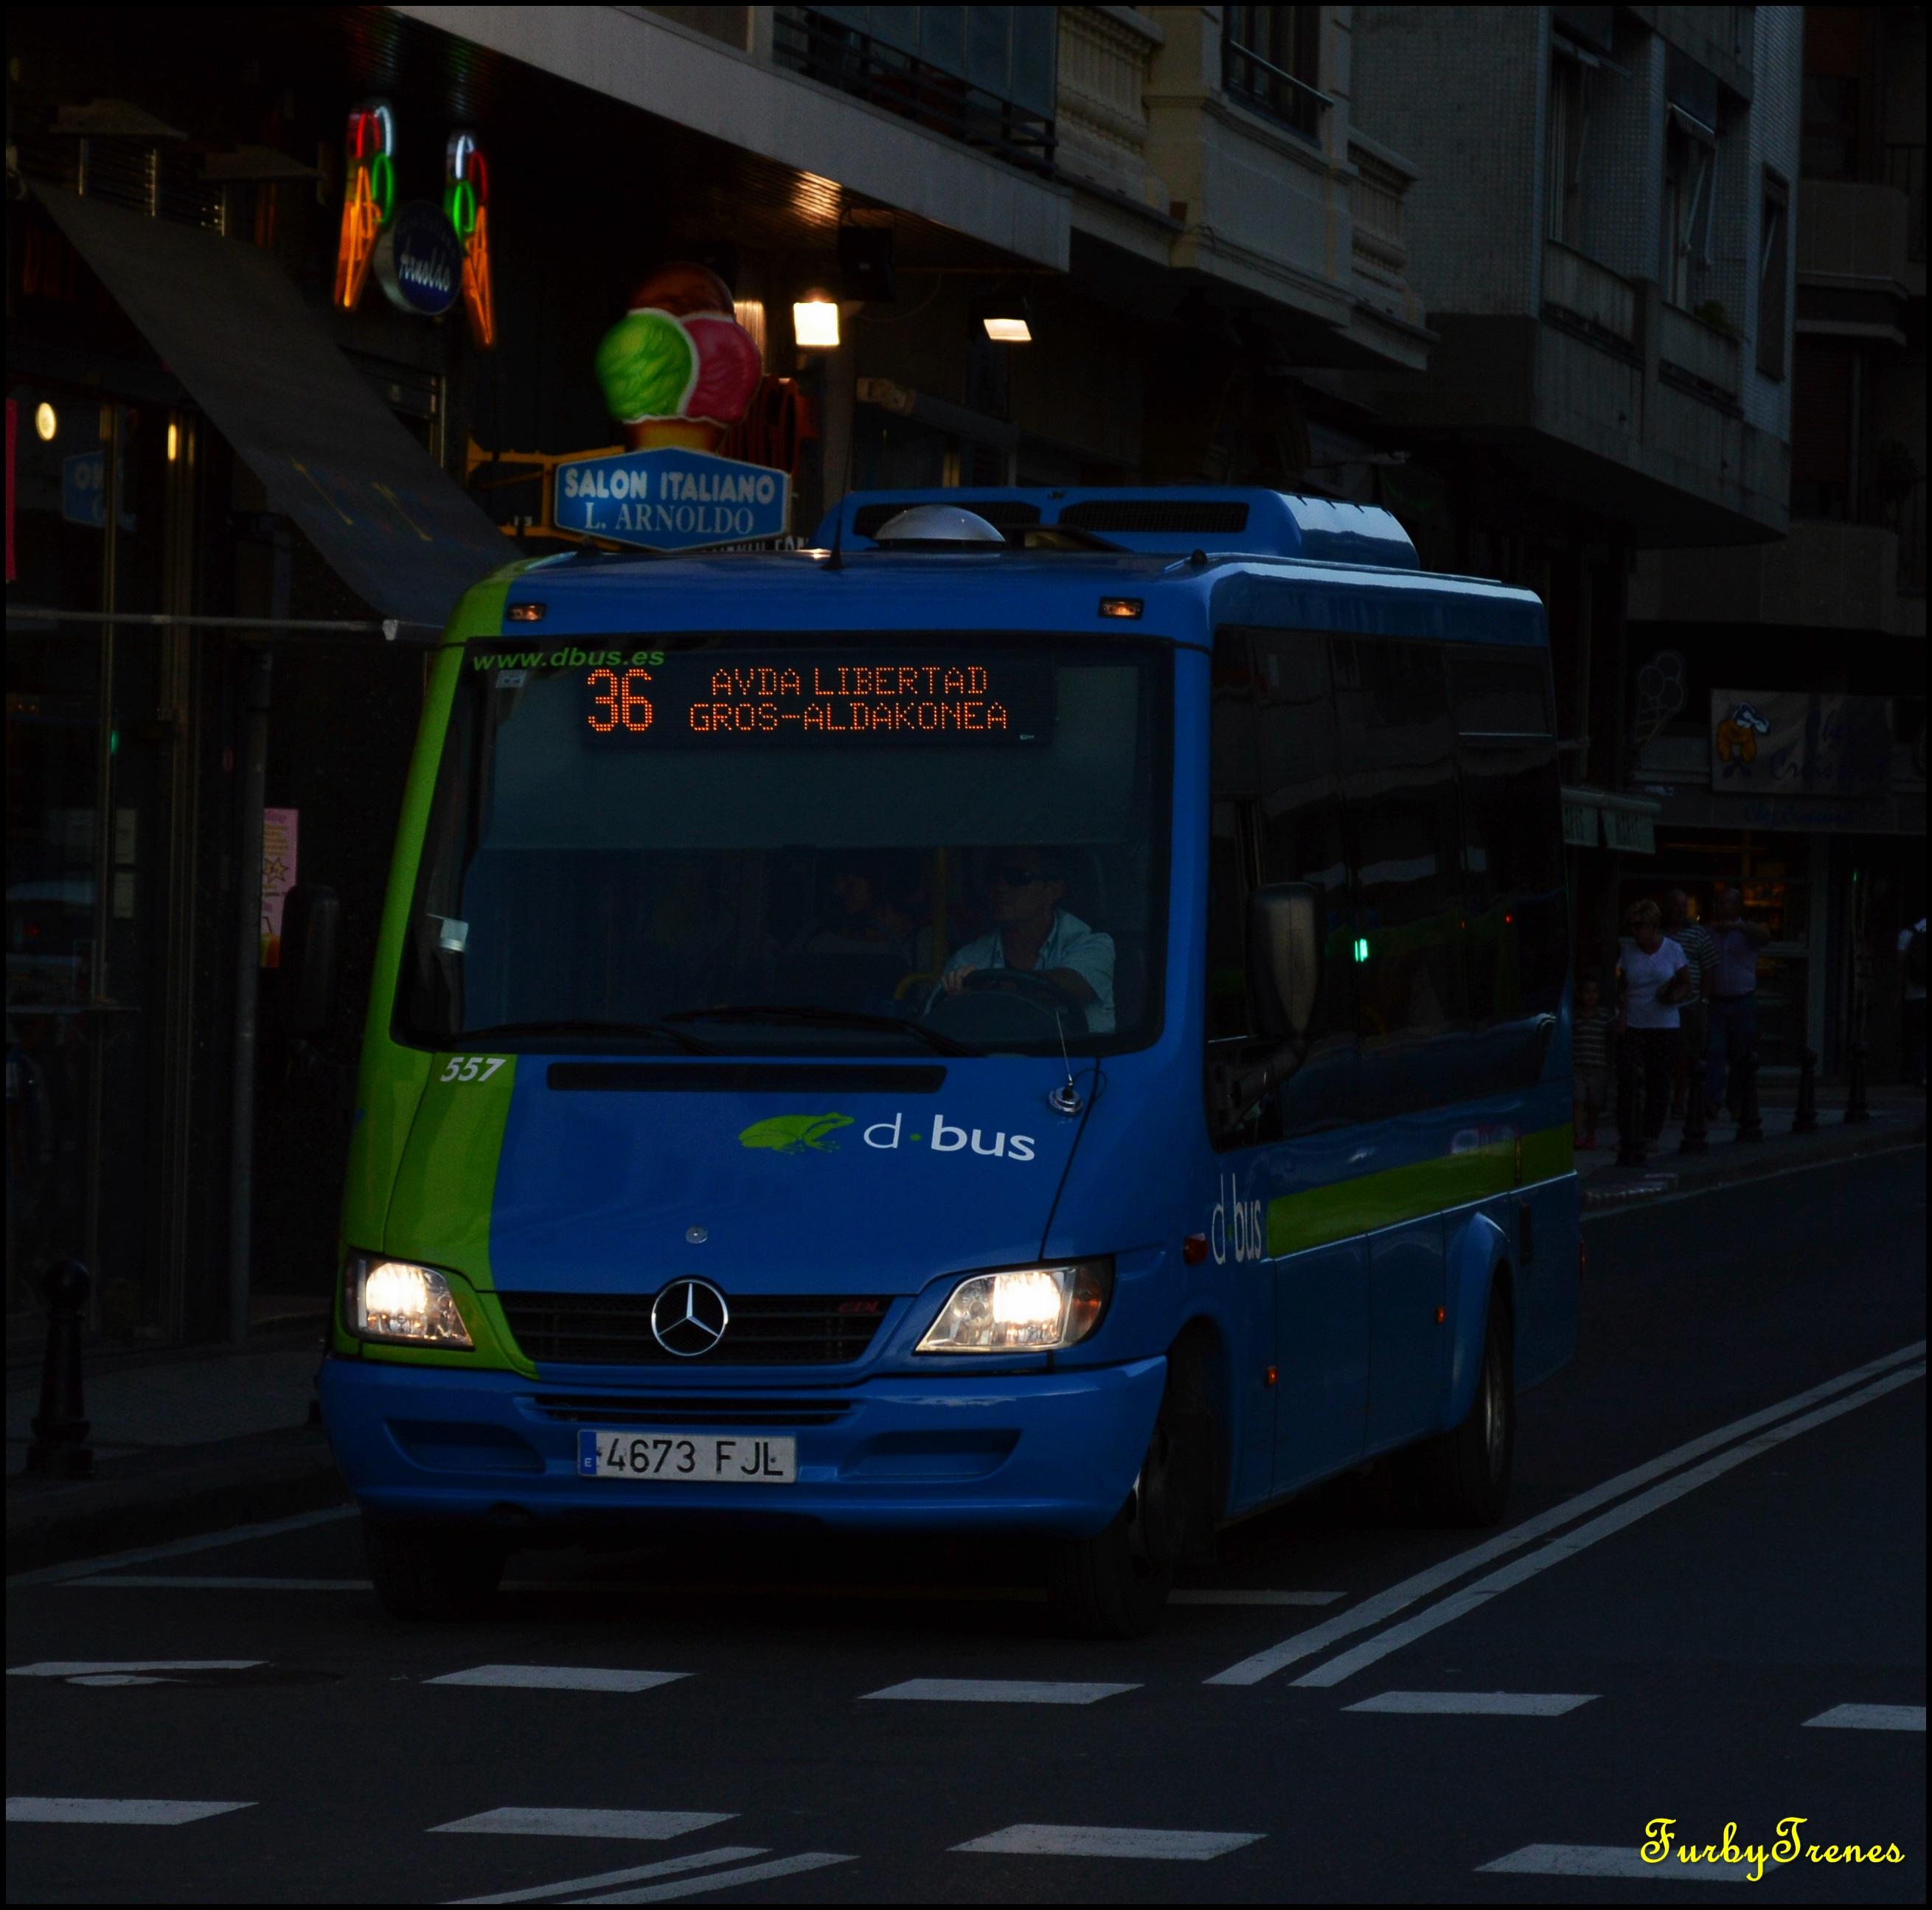 Urbanos de Donostia-San Sebastián (DBUS) 15893025759_82b1b4a615_o